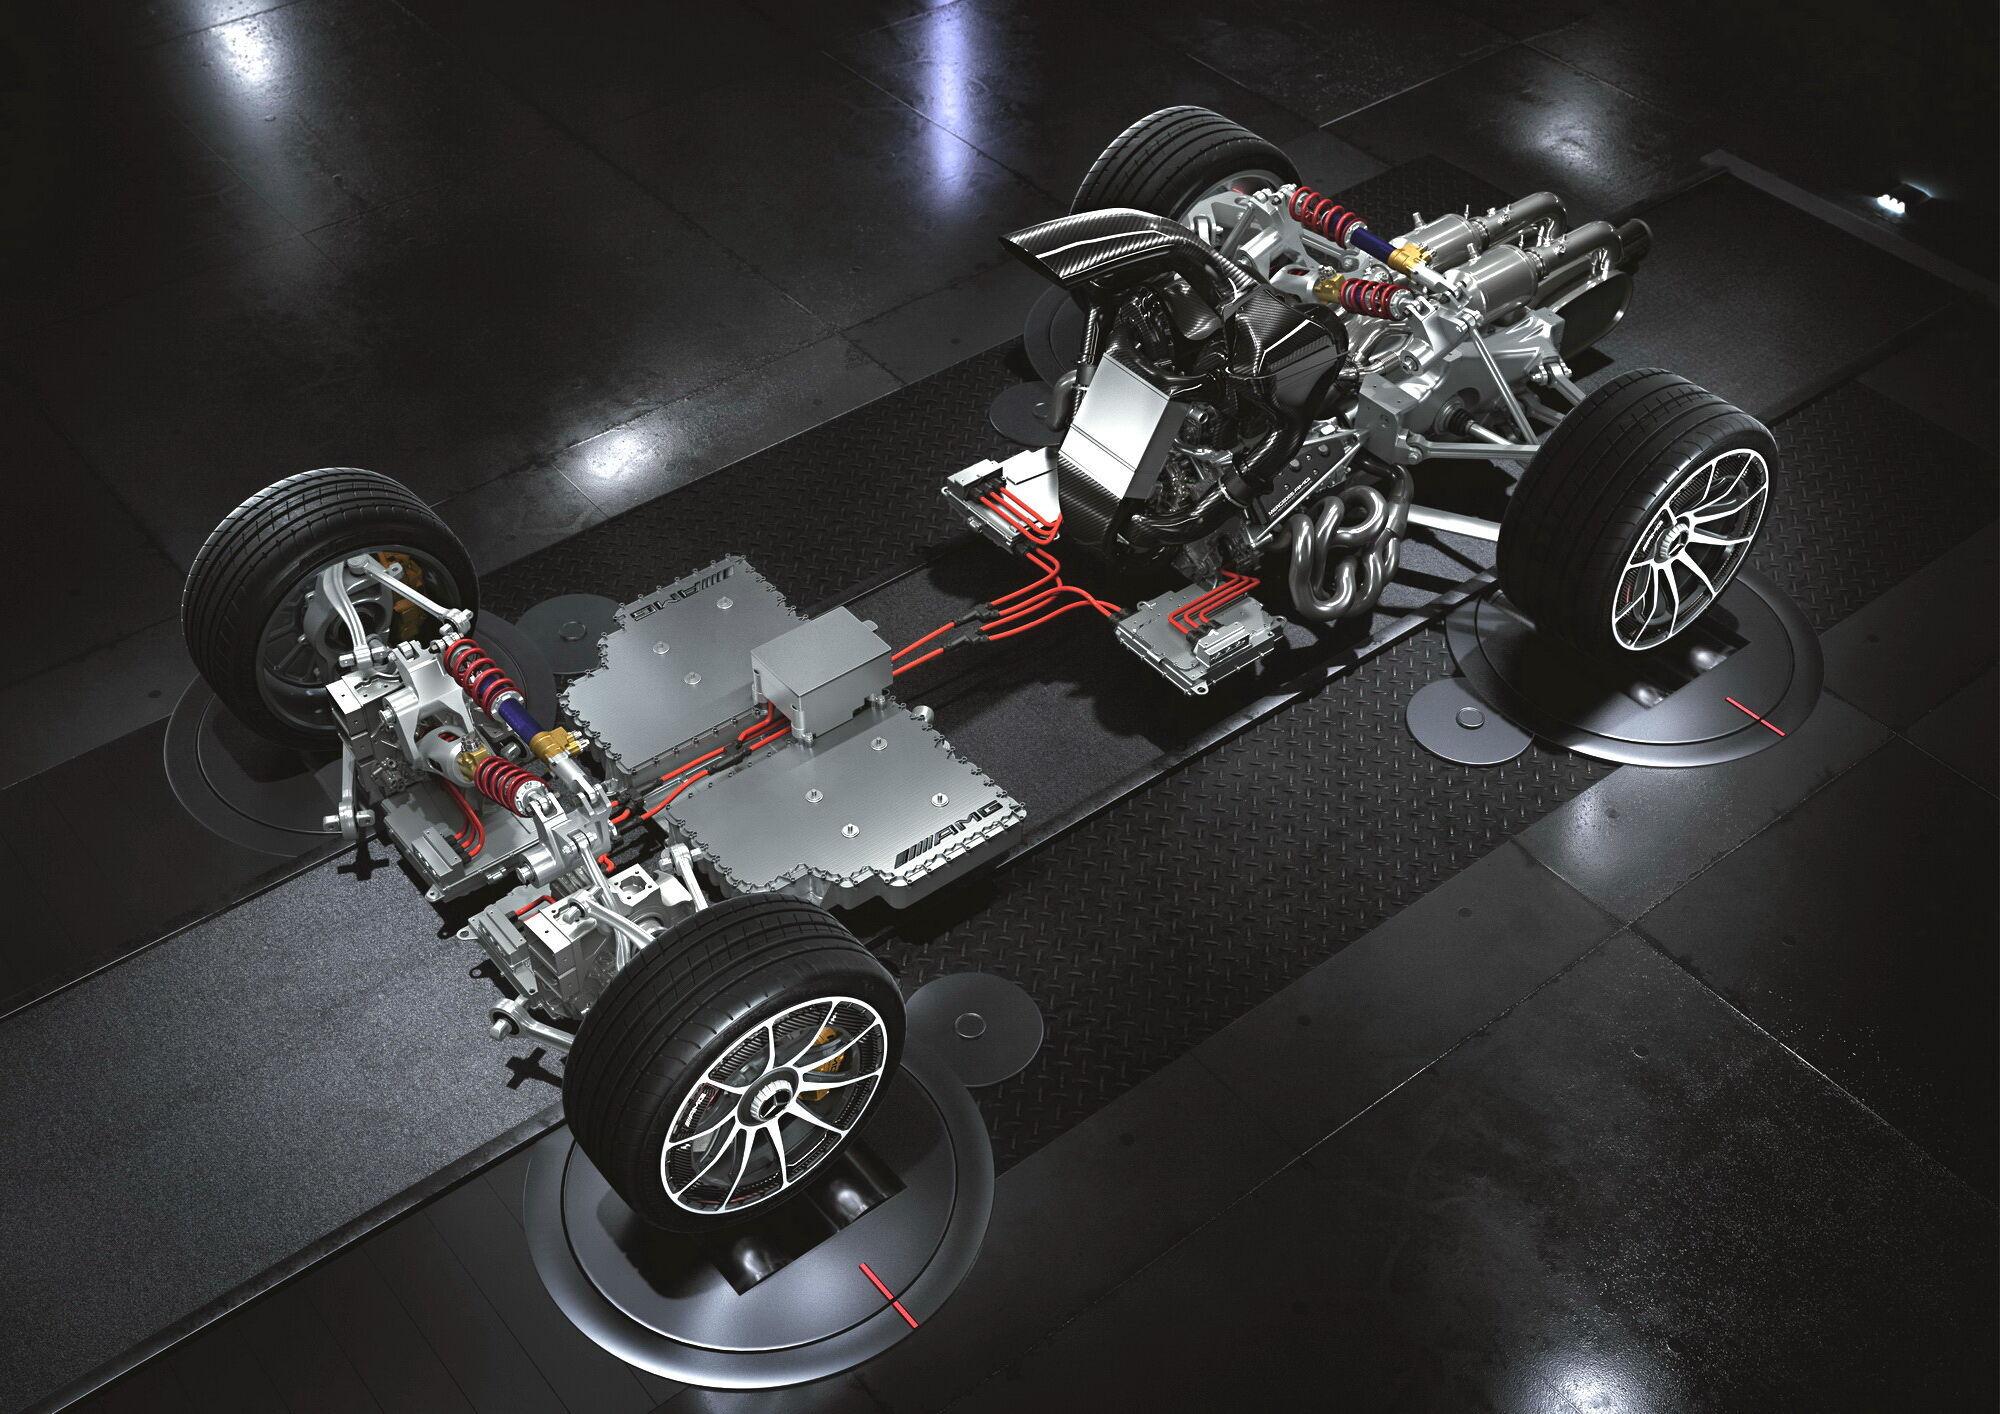 Project ONE имеет в своем арсенале гибридную силовую установку мощностью свыше 1000 л.с.